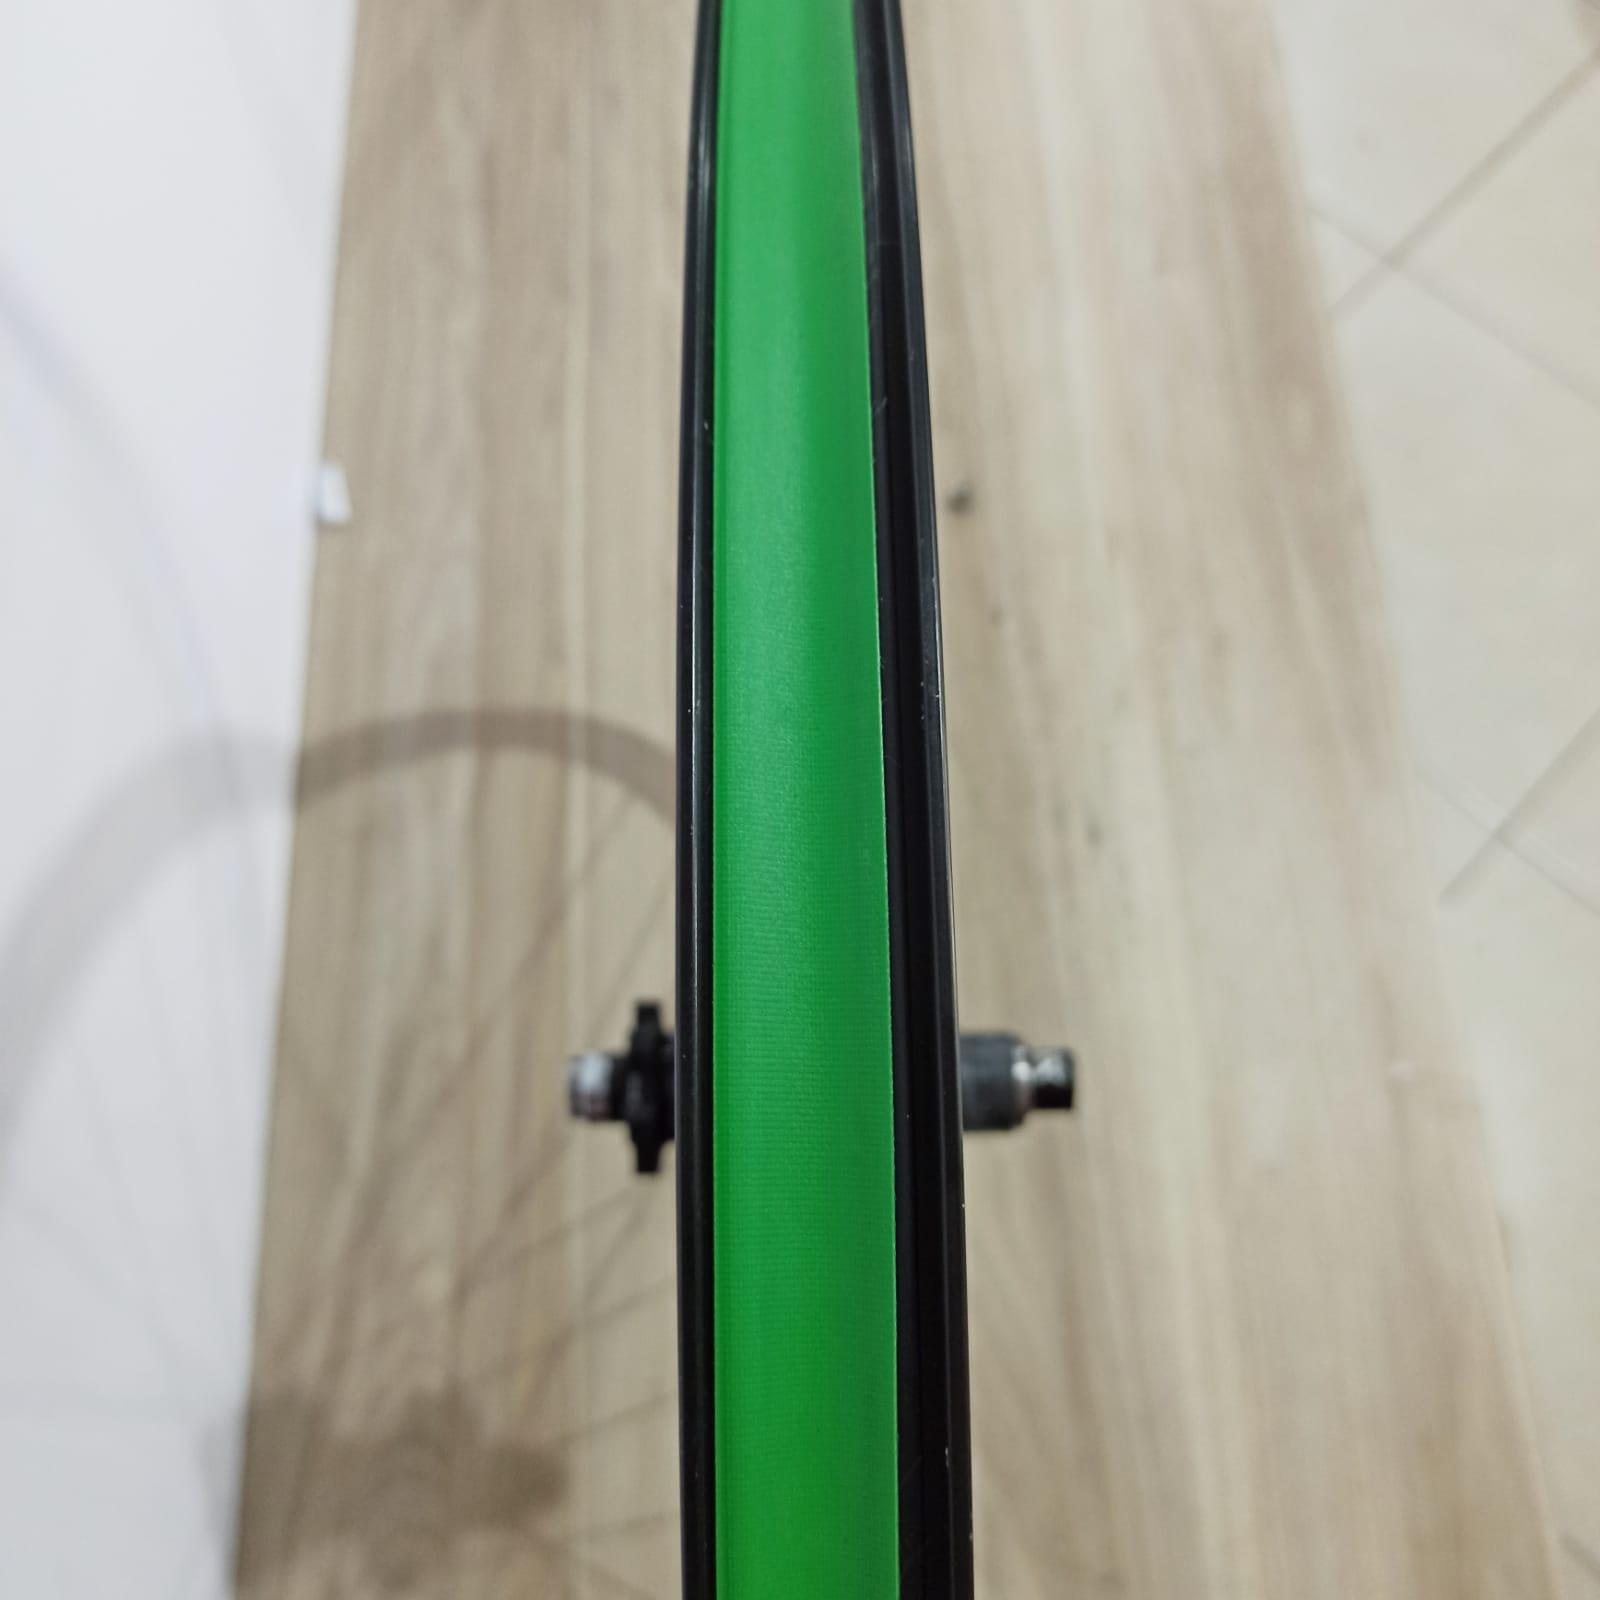 Rodas ALEX RIMS 29 com cubos SRAM XD (par) Raios Inox - Roda Original da OGGI 7.5 2020